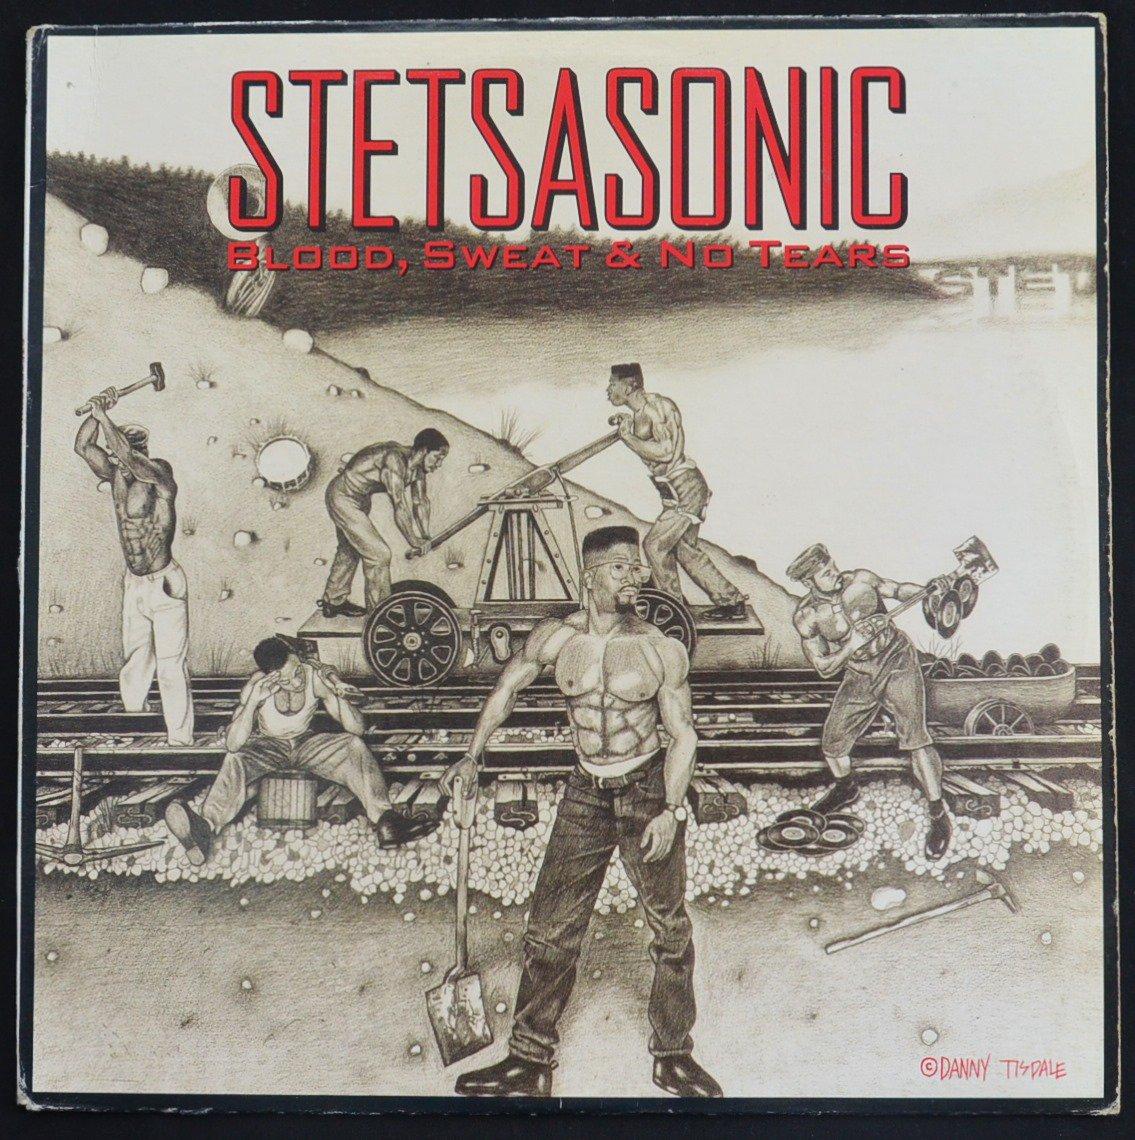 STETSASONIC / BLOOD, SWEAT & NO TEARS (1LP)